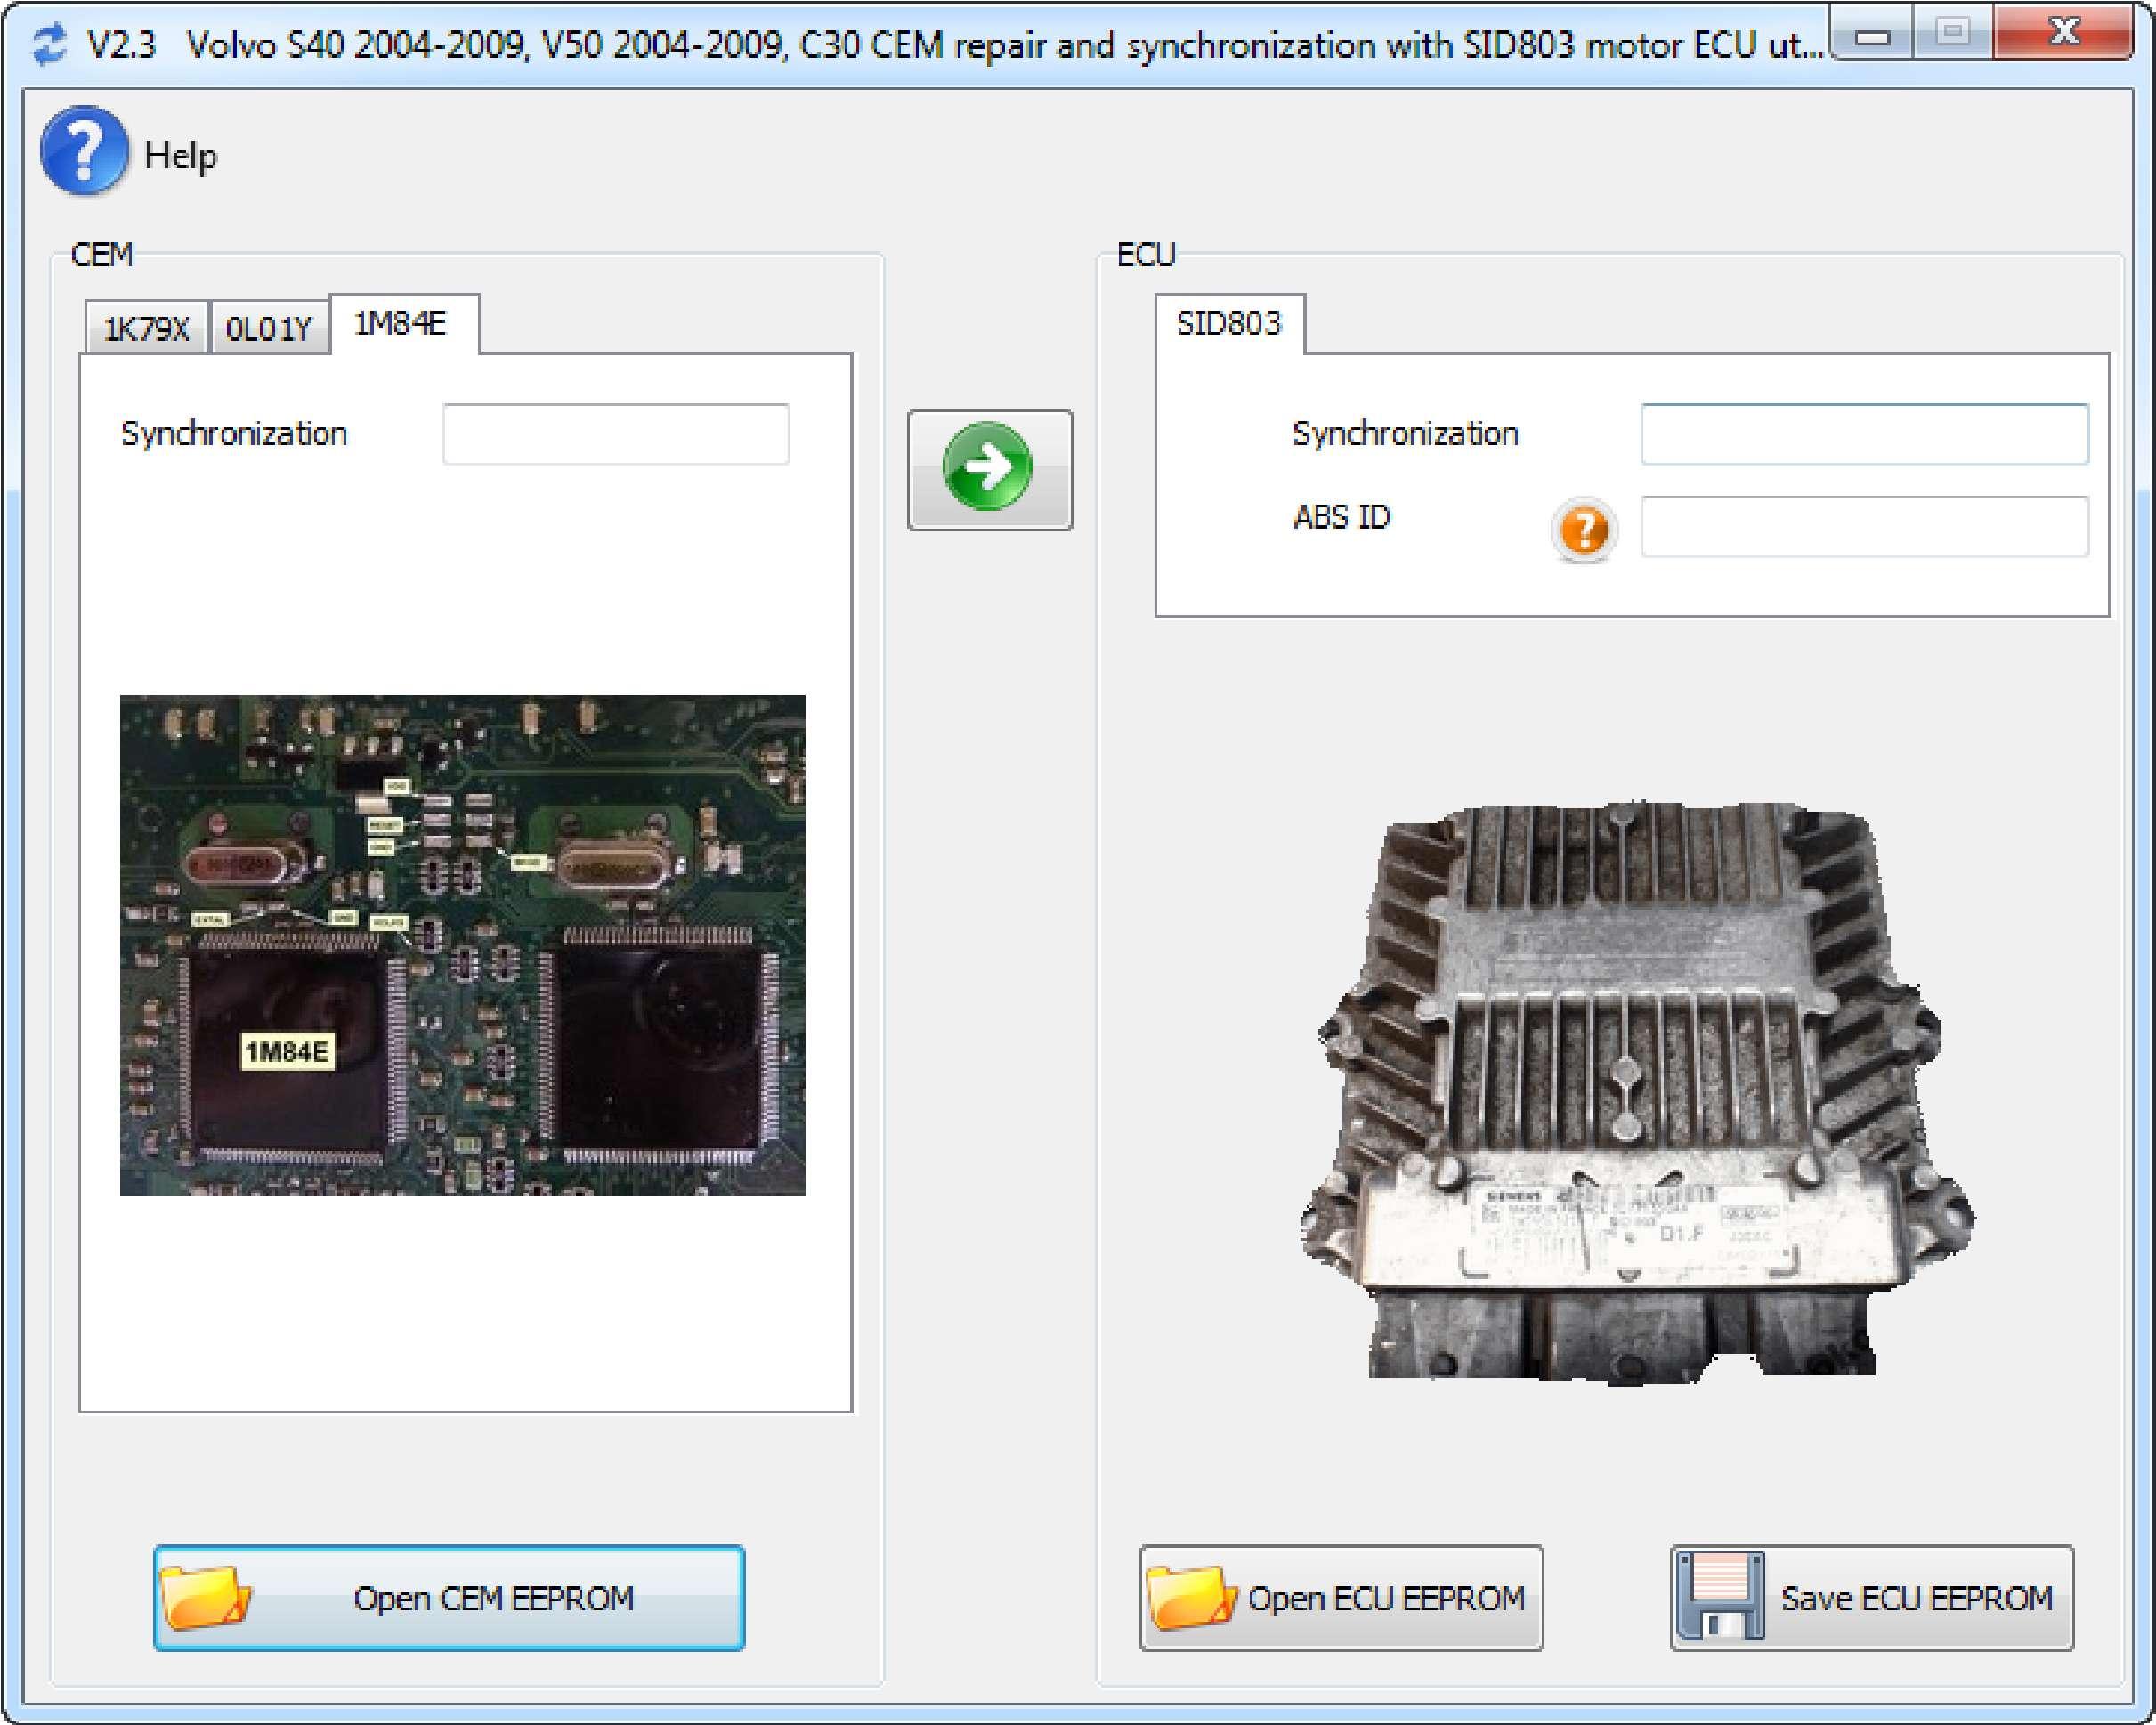 Volvo IMMO Synchro 2.3 - Volvo S40 V50 2004-2009 с ЭБУ SID803 ss-01